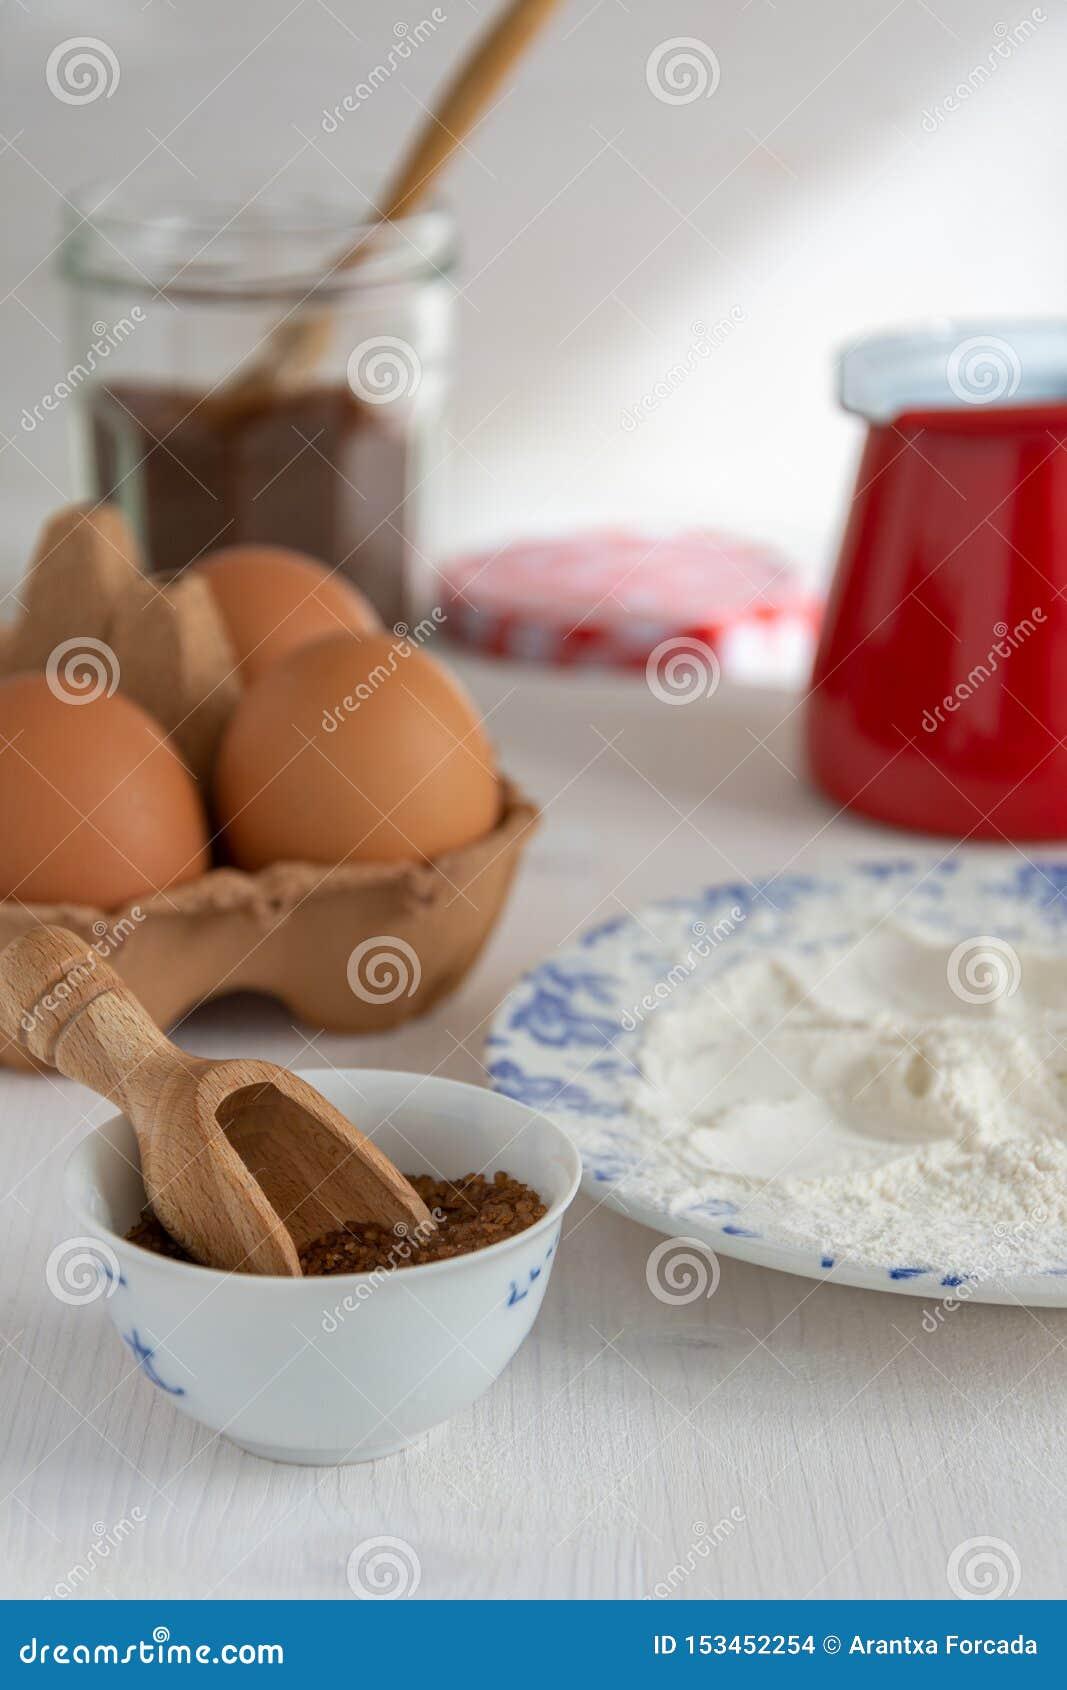 Vue supérieure verticale des ingrédients pour les pâtisseries, le sucre roux, la farine, les oeufs et la casserole rouge